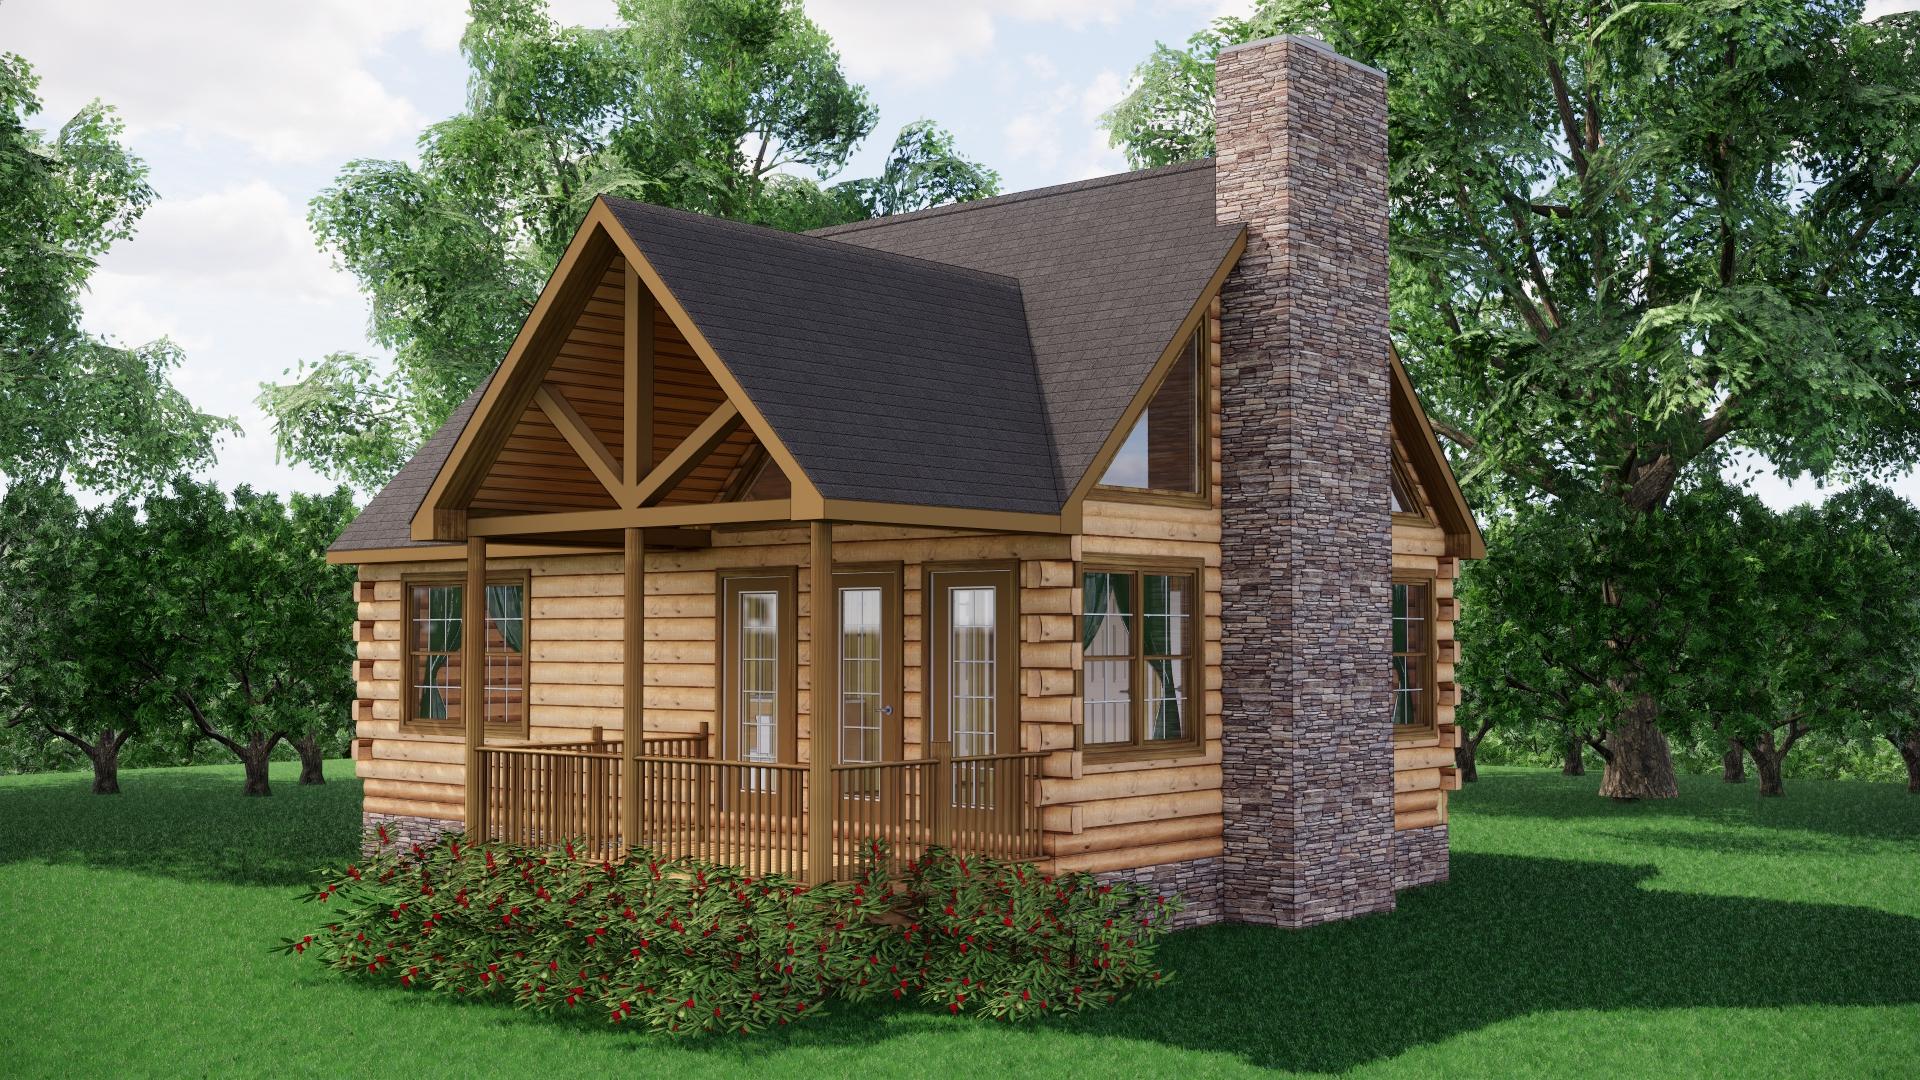 Small Log Cabins - Small Log Cabin Kits 12